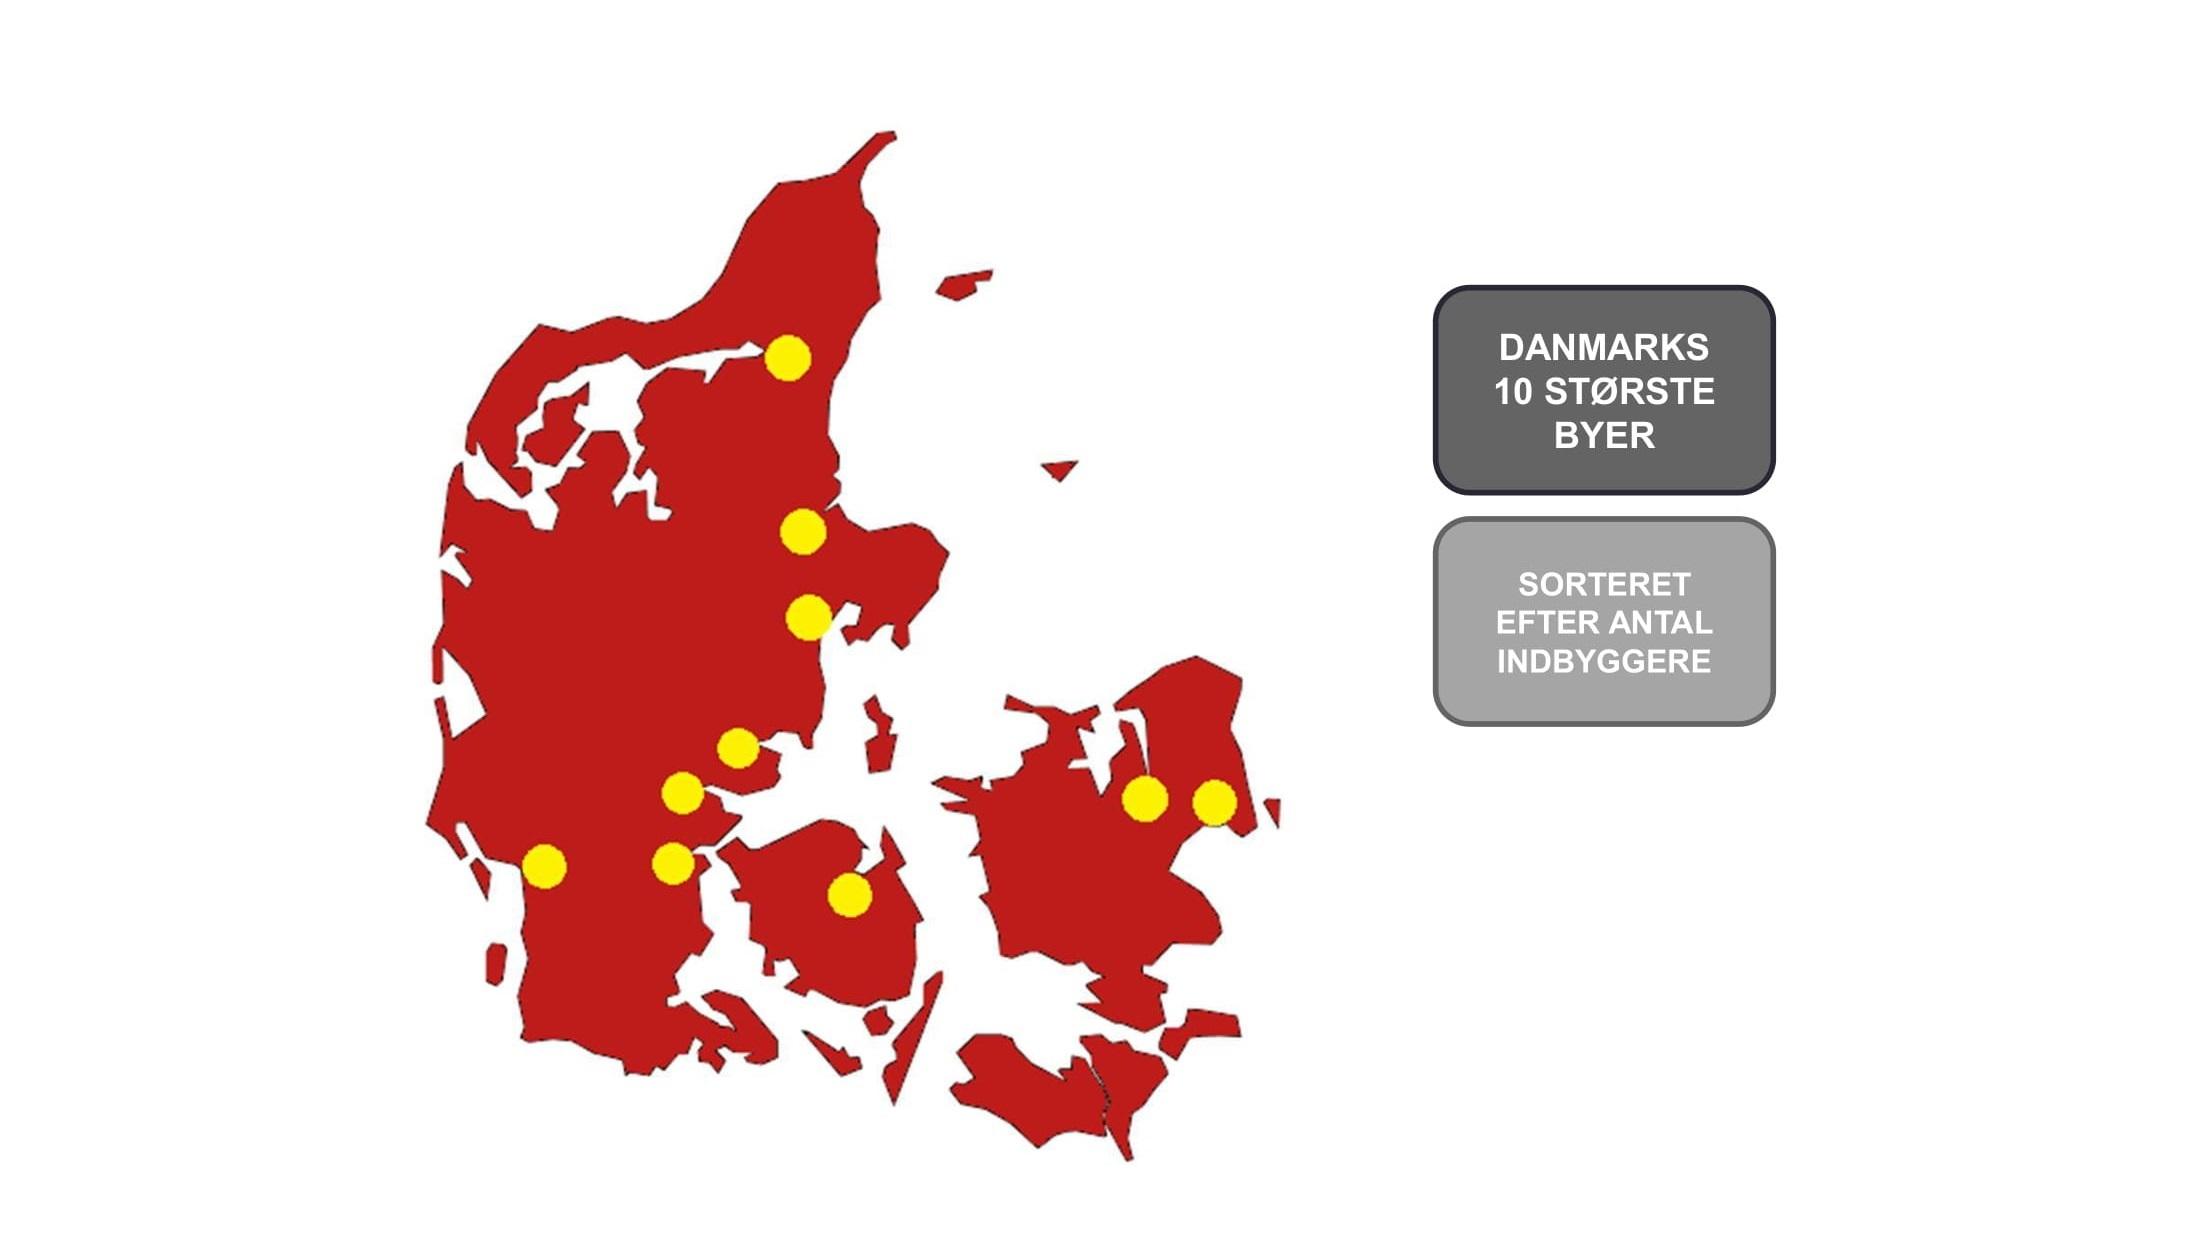 Danmarks 10 største byer - HEAD